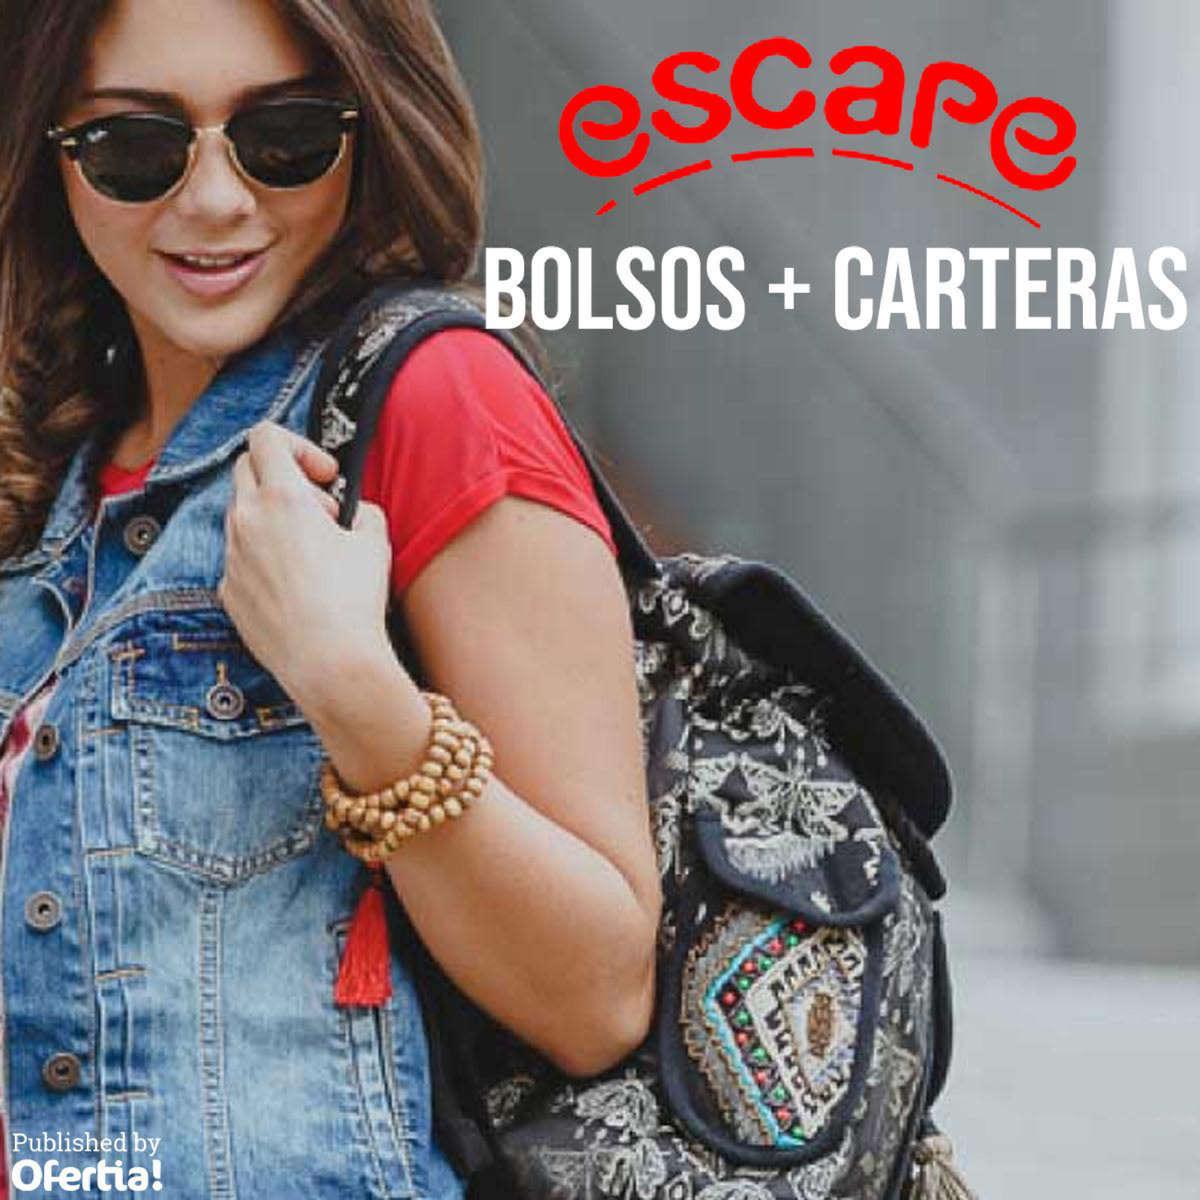 f1f9cb45f Comprar Bolsos de tela en Bello - Tiendas y promociones - Ofertia